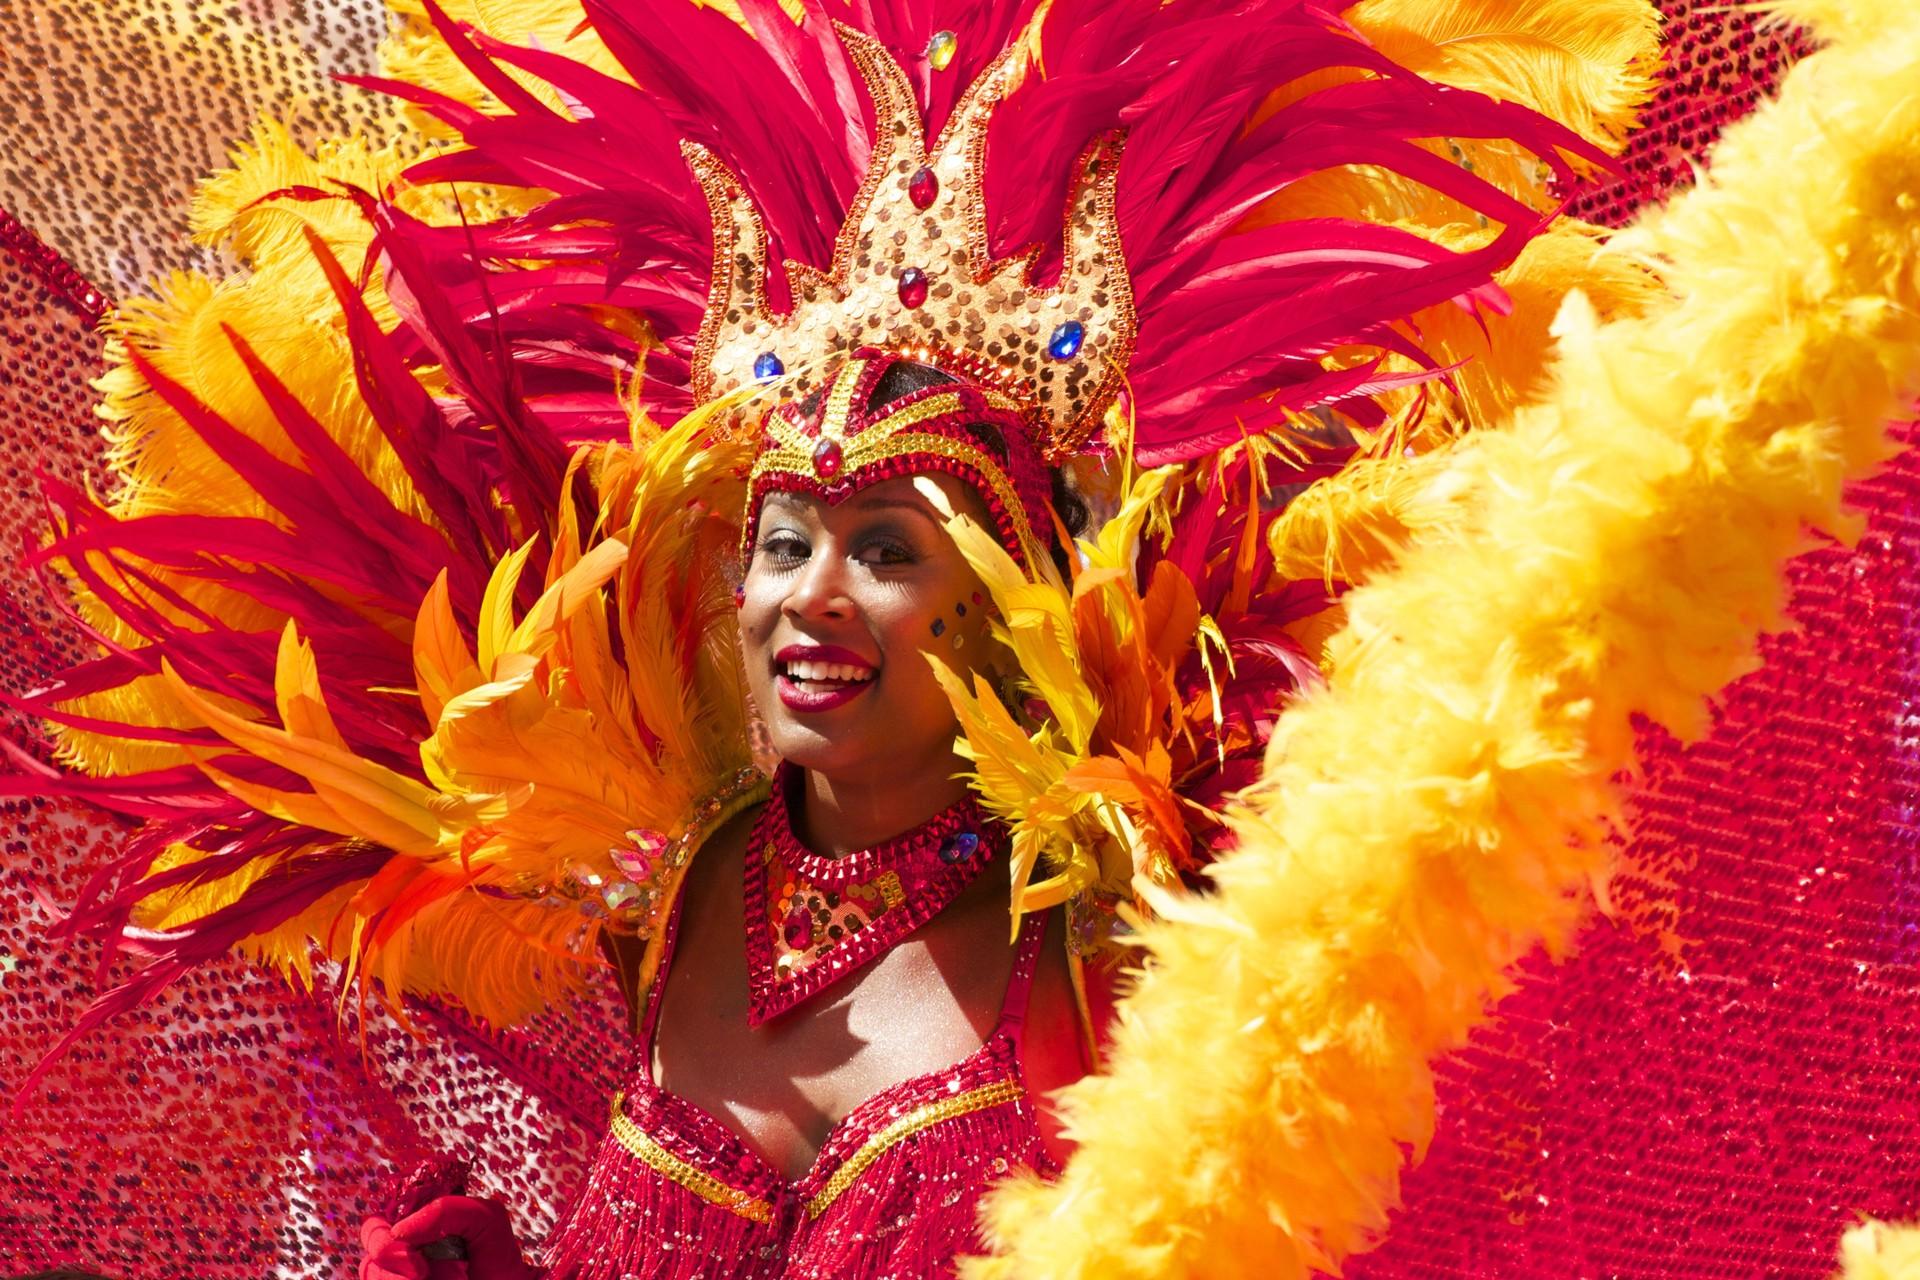 Woman celebrating at Rio Carnival